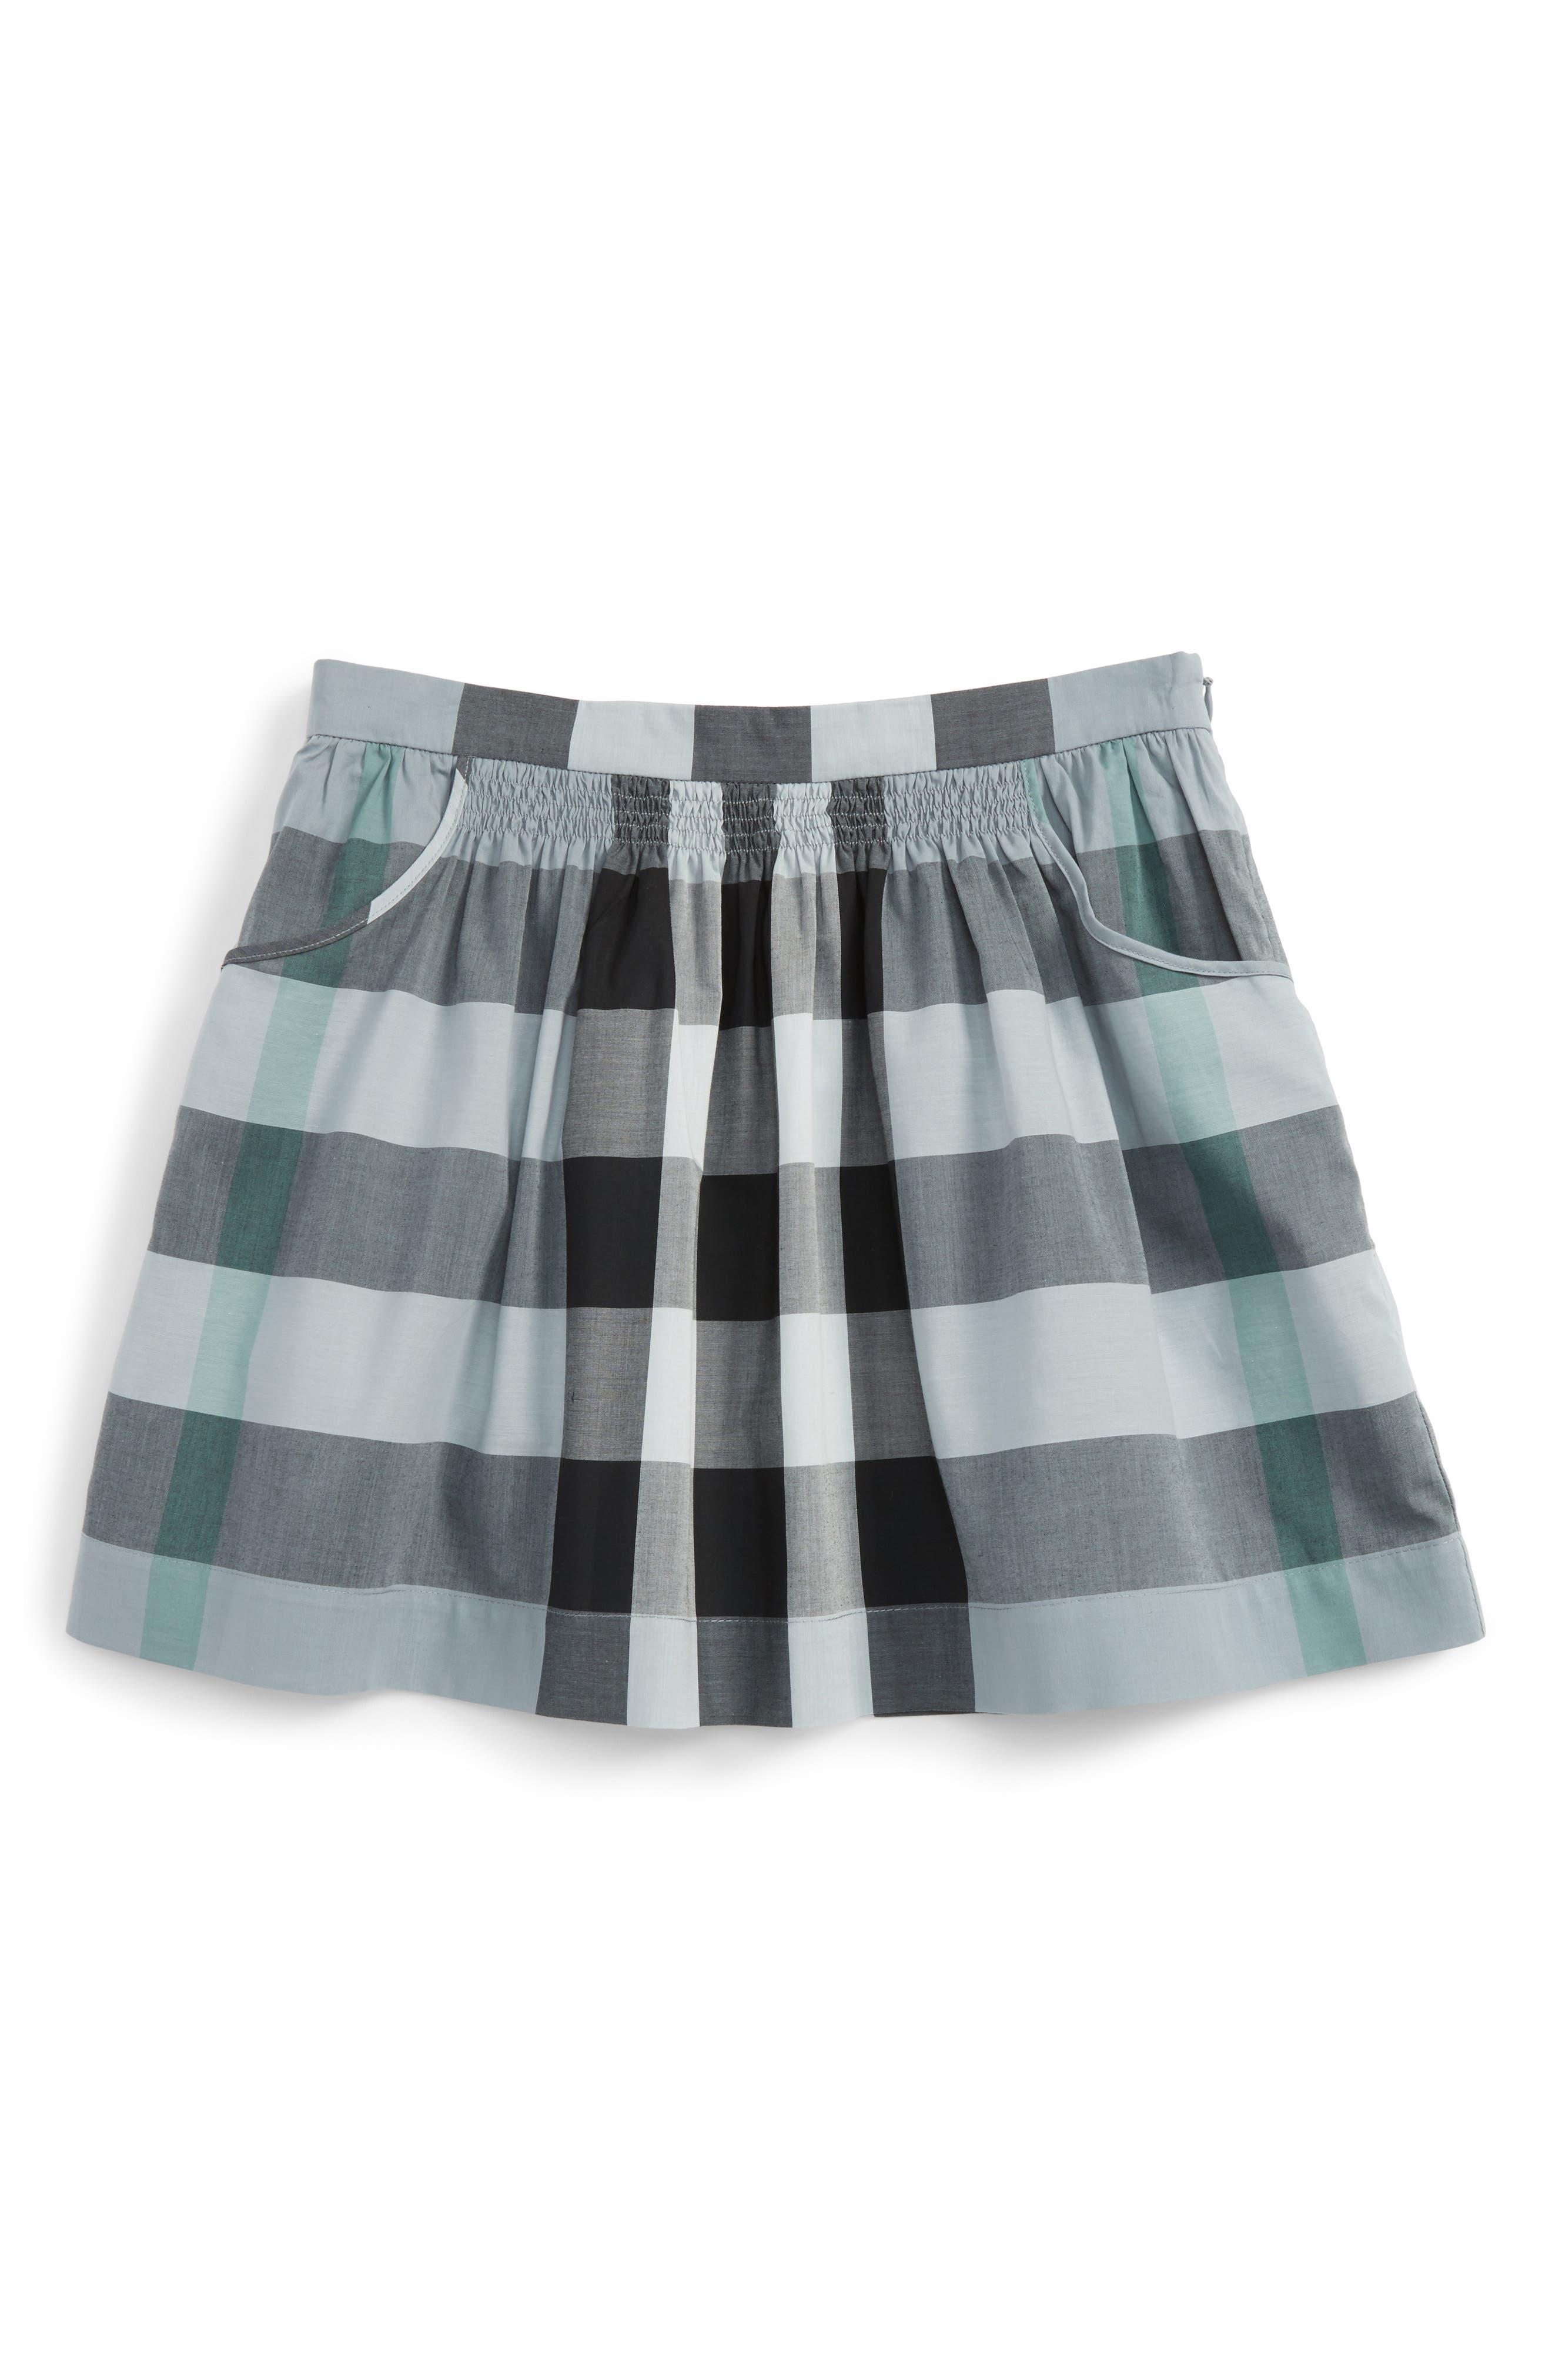 BURBERRY Kayly Check Print Skirt